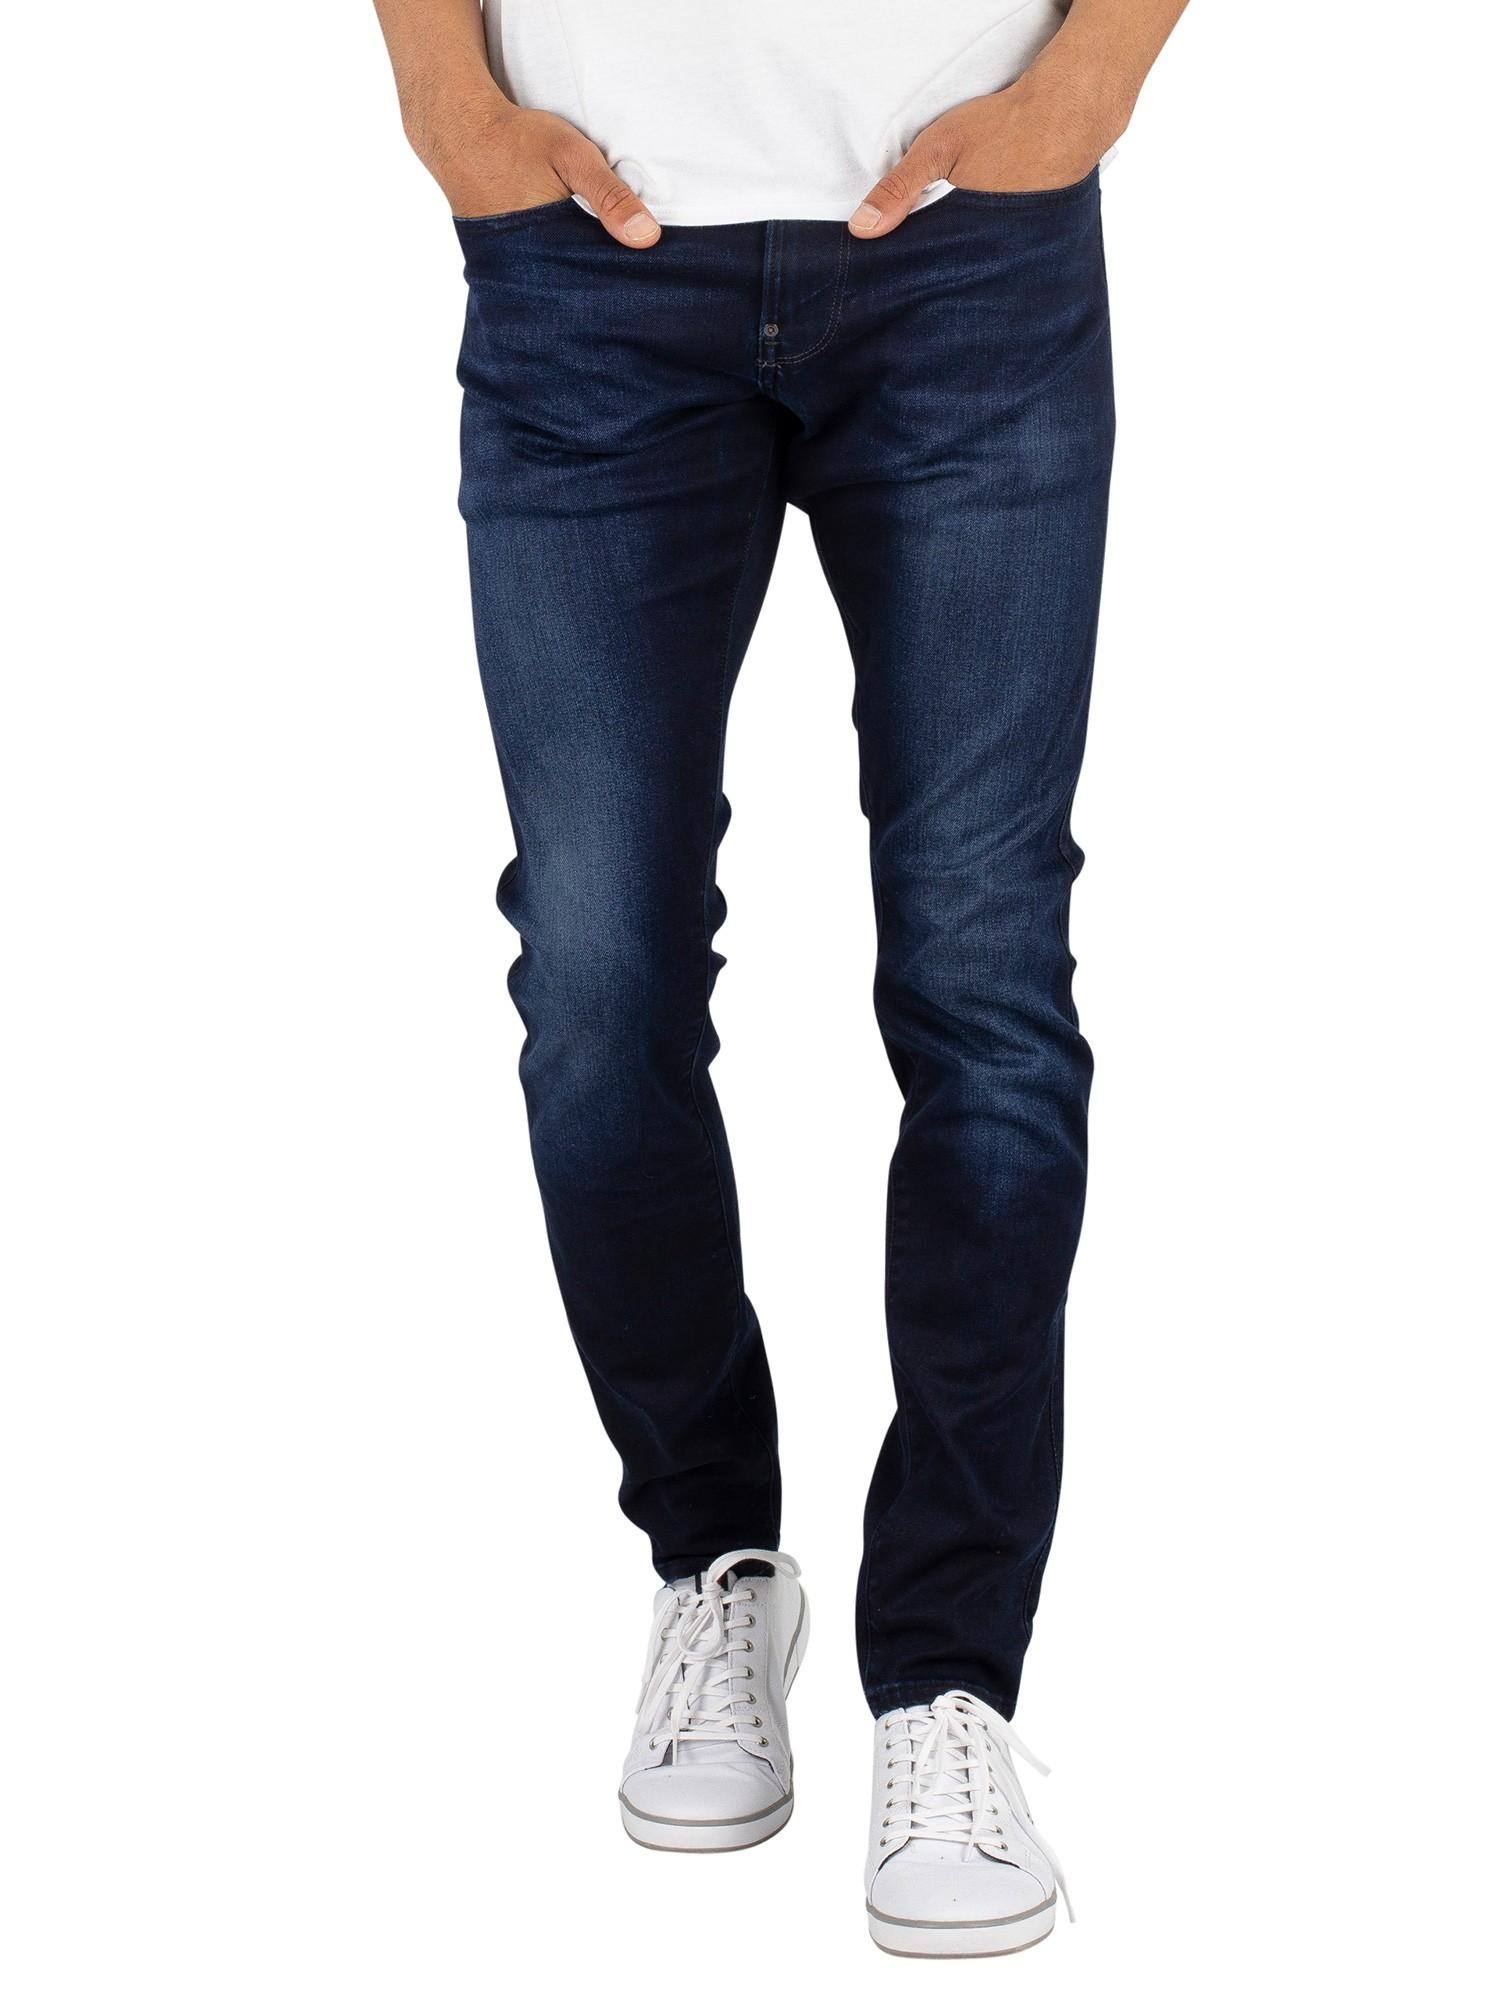 428b8522d81 G-Star Dark Aged Revend Super Slim Superstretch Jeans